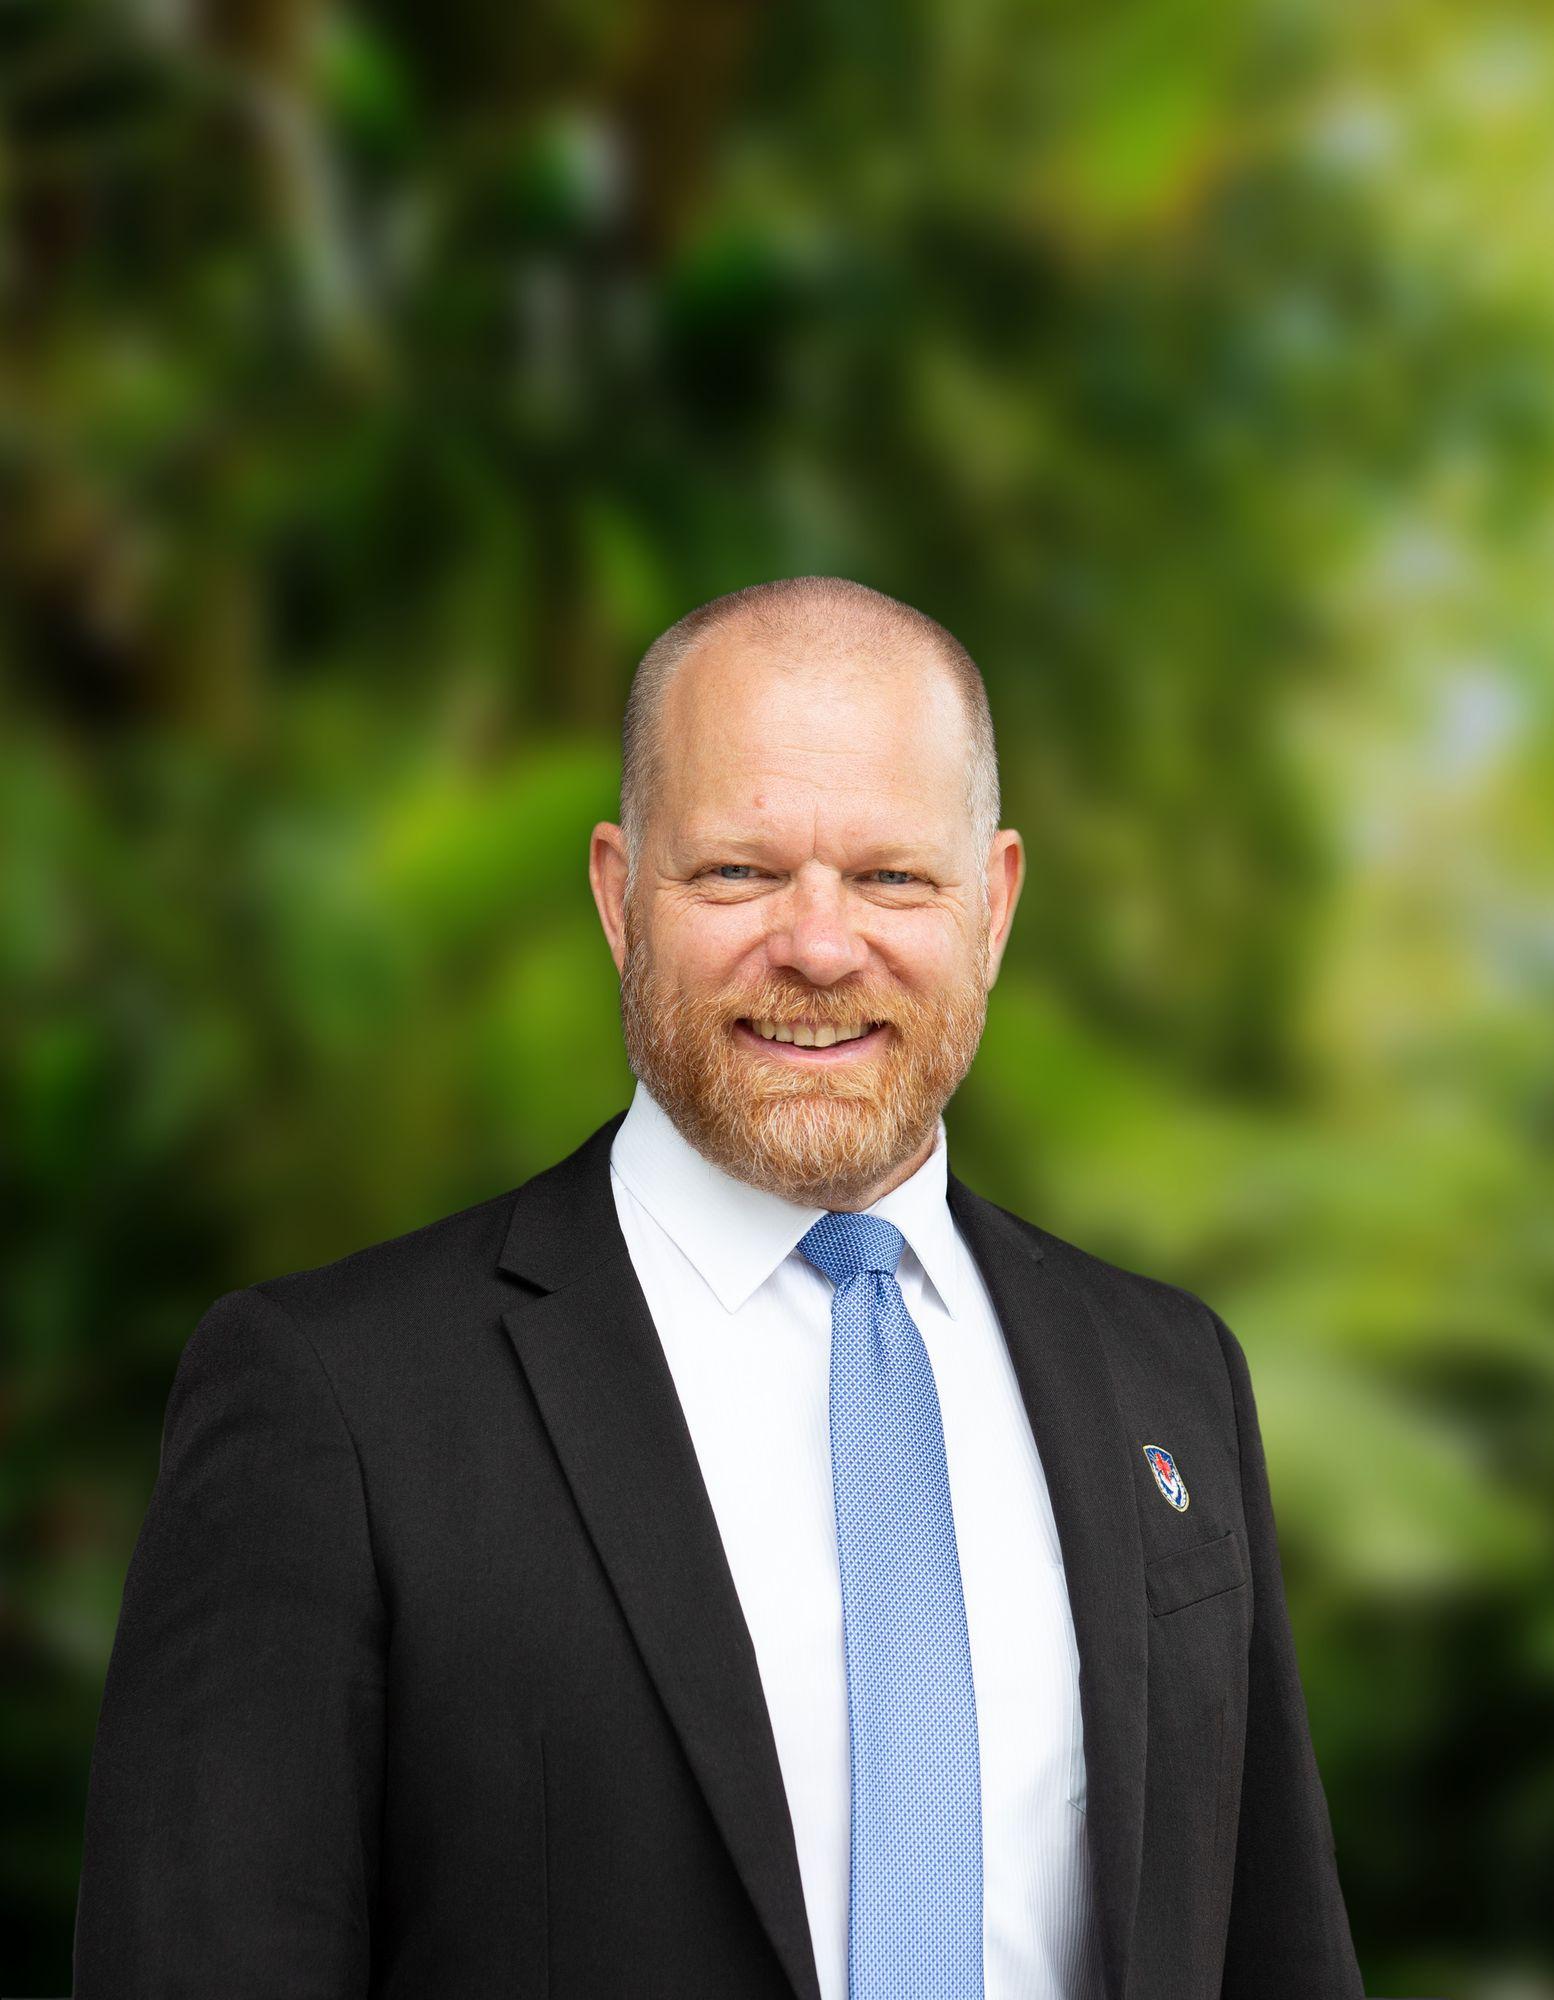 Greg Mattiske